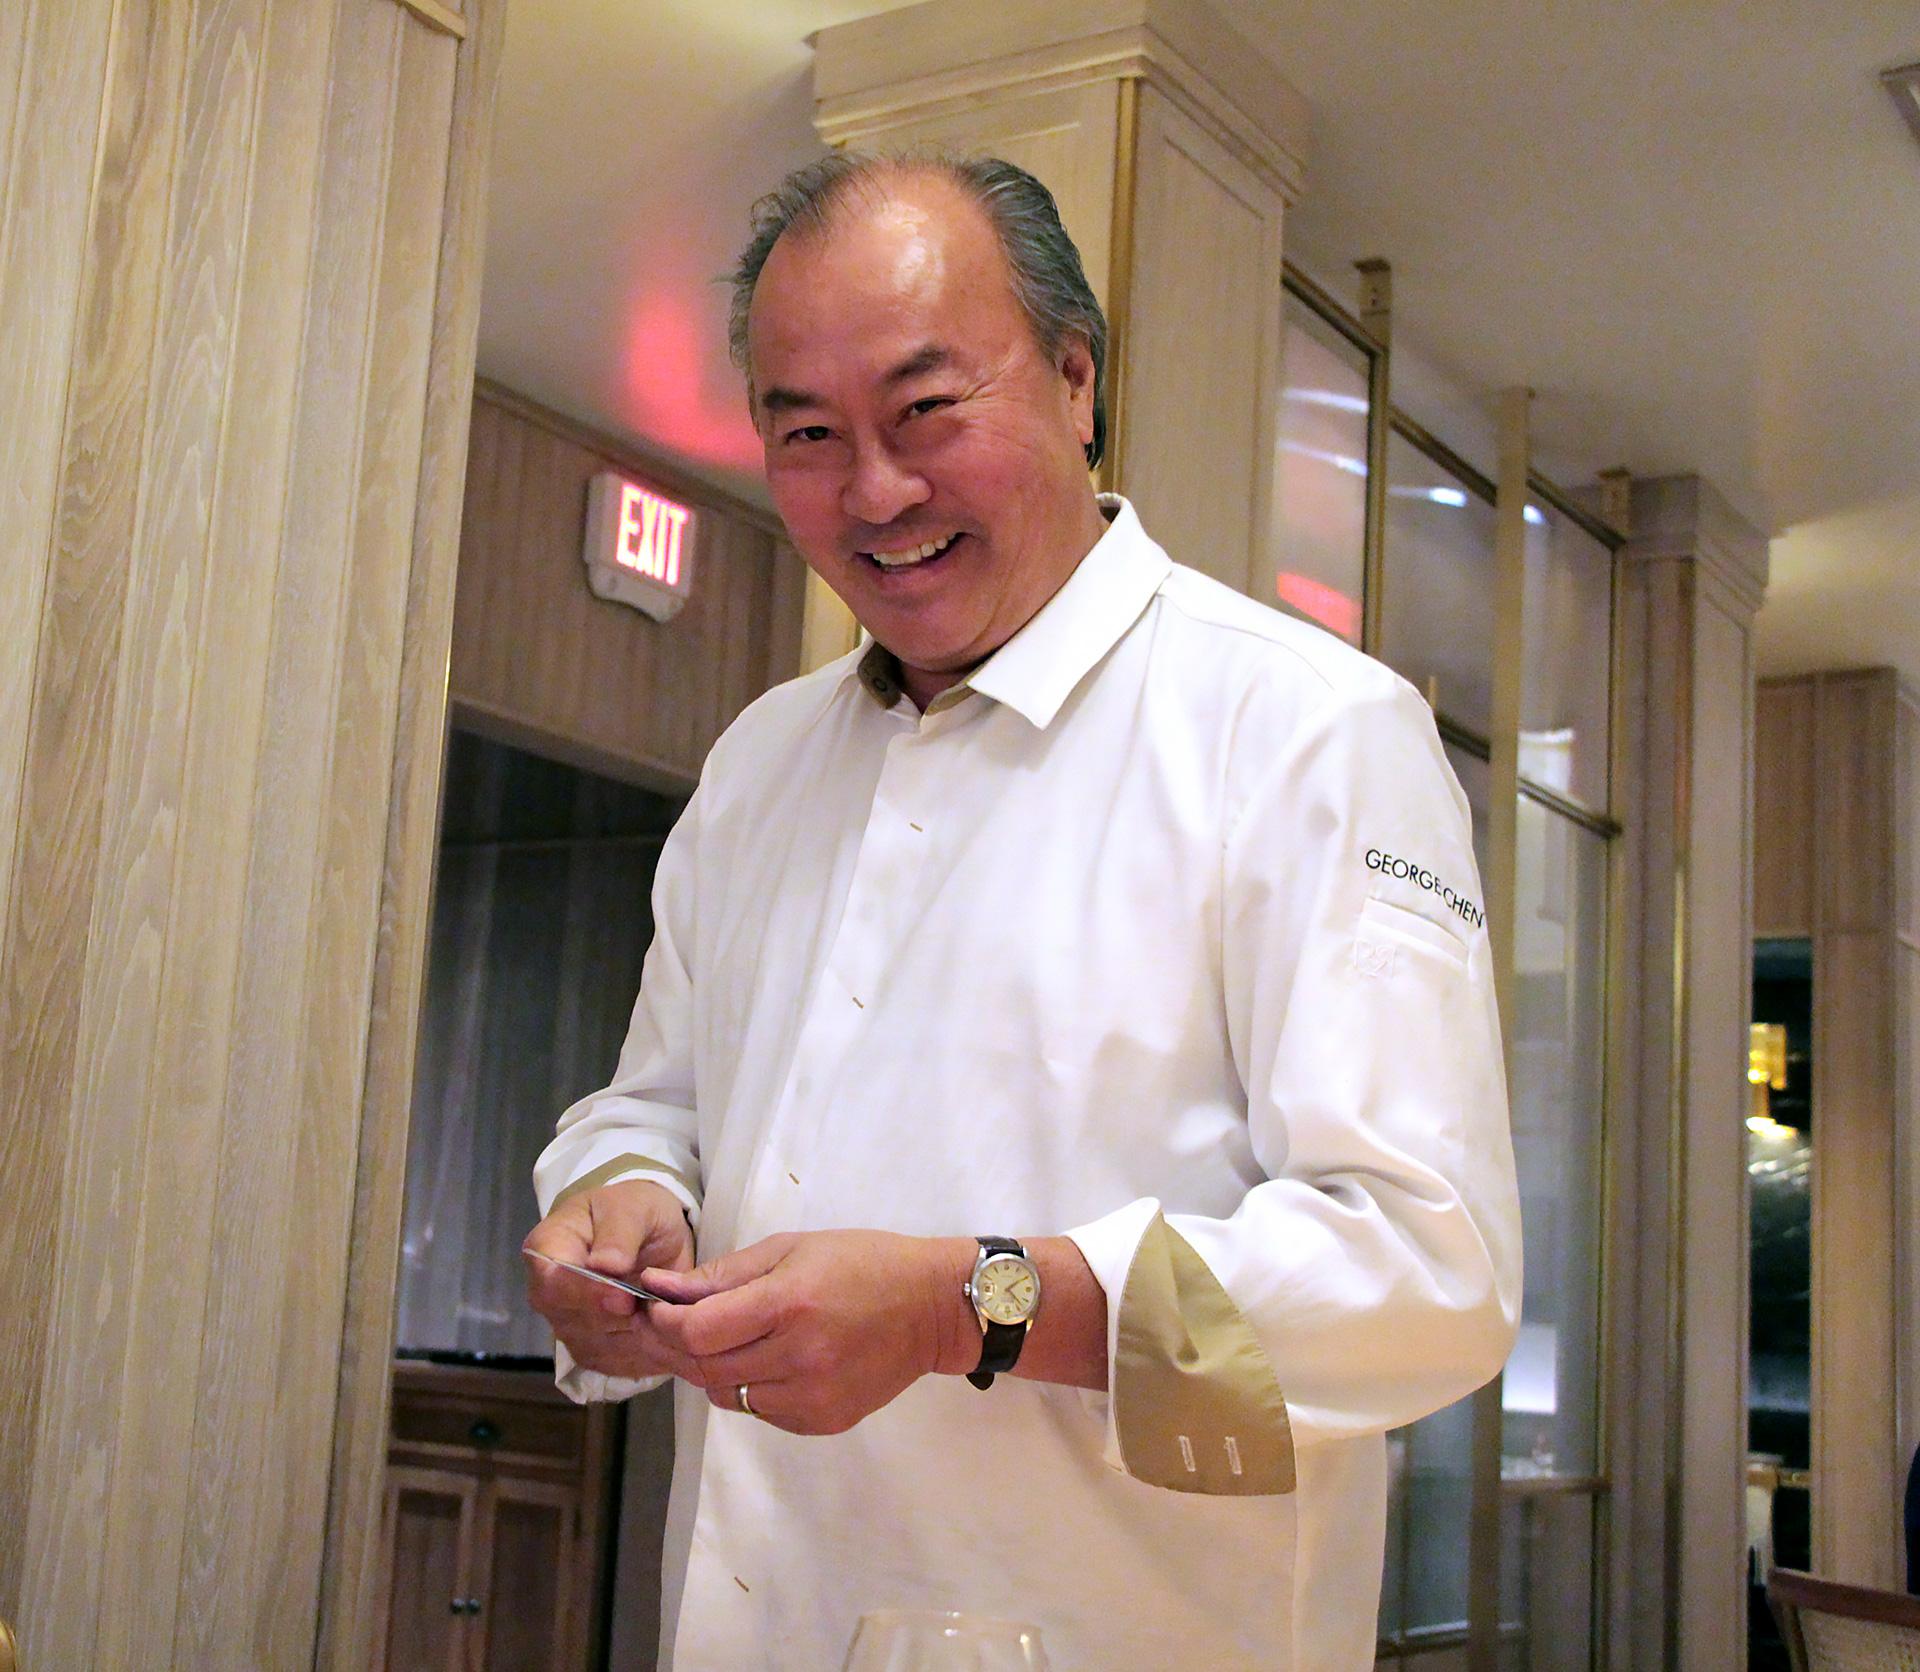 Chef George Chen